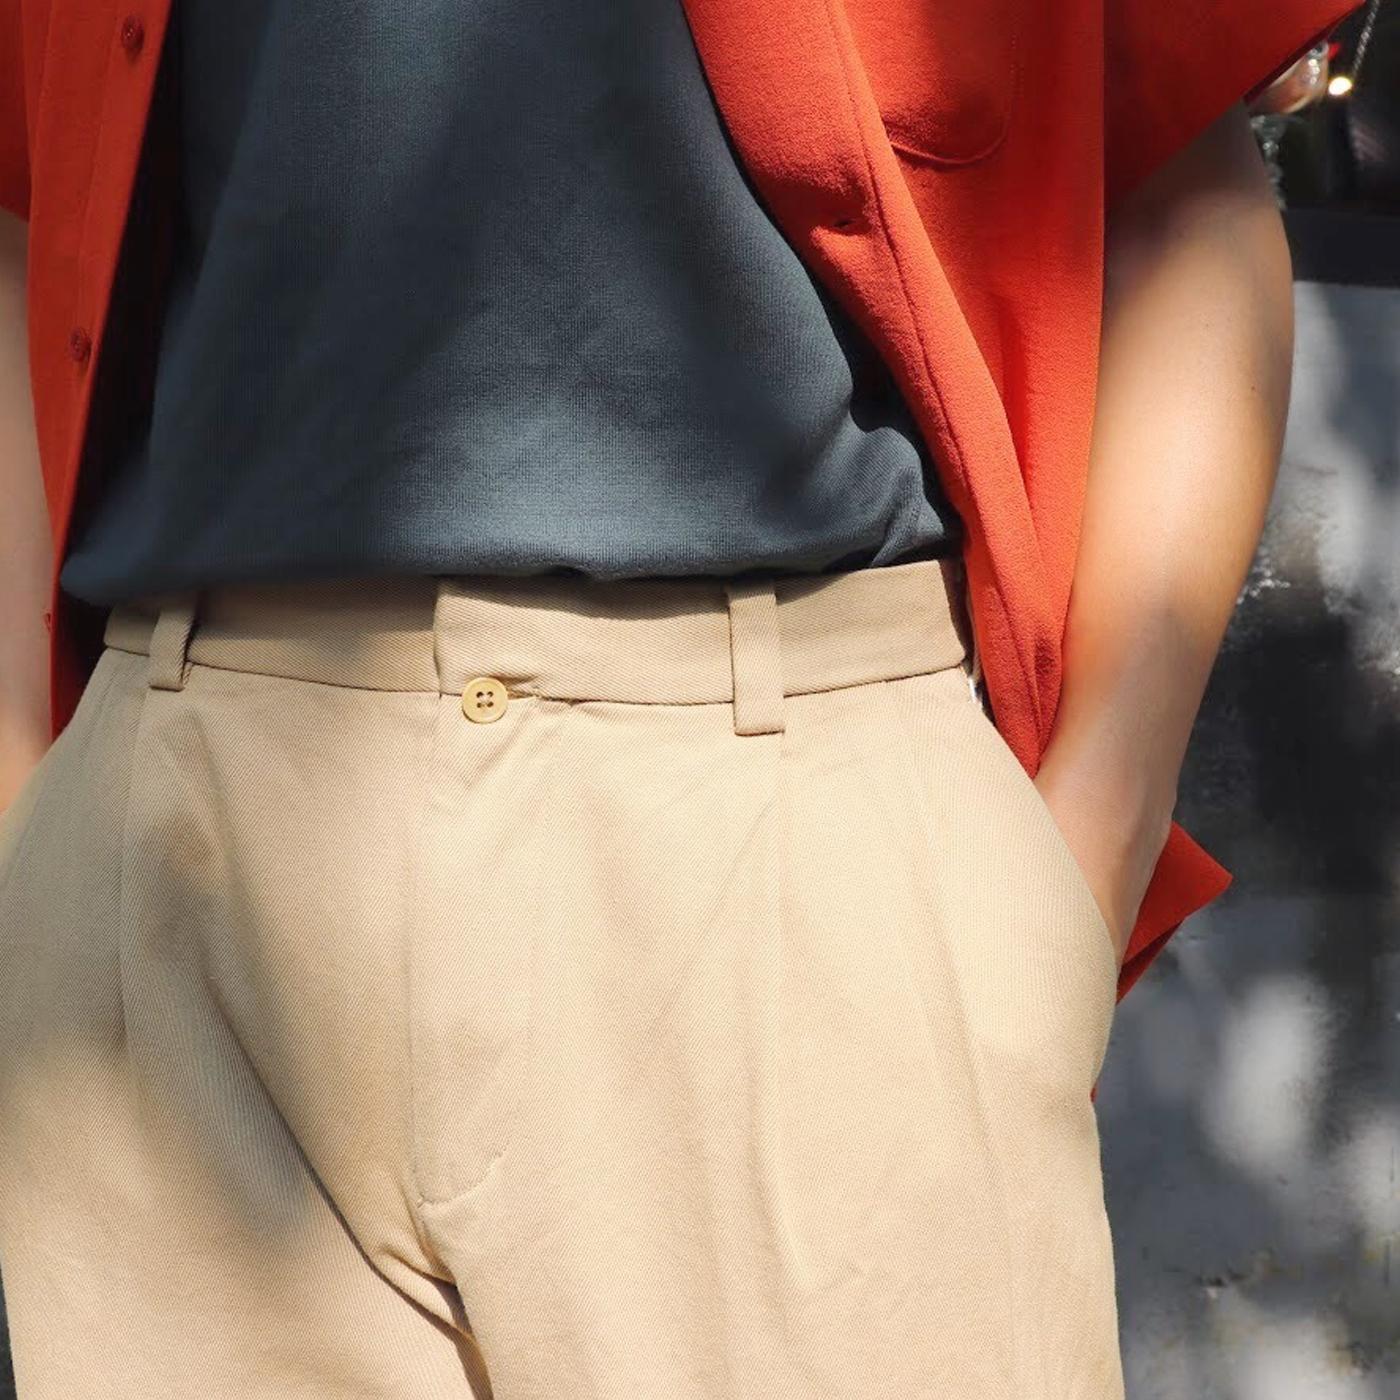 寬褲穿搭,寬褲,寬褲搭配,寬褲穿搭男,寬褲穿搭上衣,寬褲穿搭冬天,寬褲穿搭夏天,寬褲穿搭,西裝寬褲,寬褲鞋子,寬褲外套